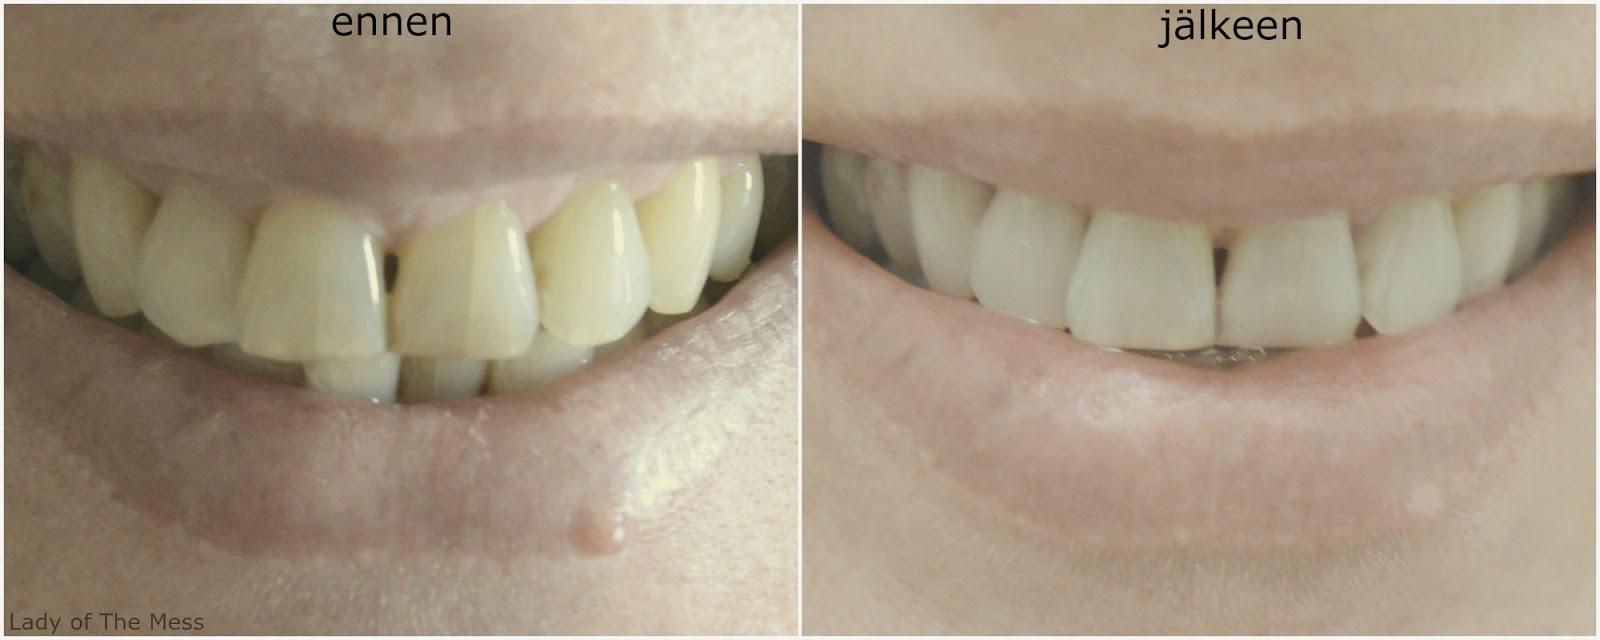 hampaidenvalkaisu, teeth whitening, swiss whitening